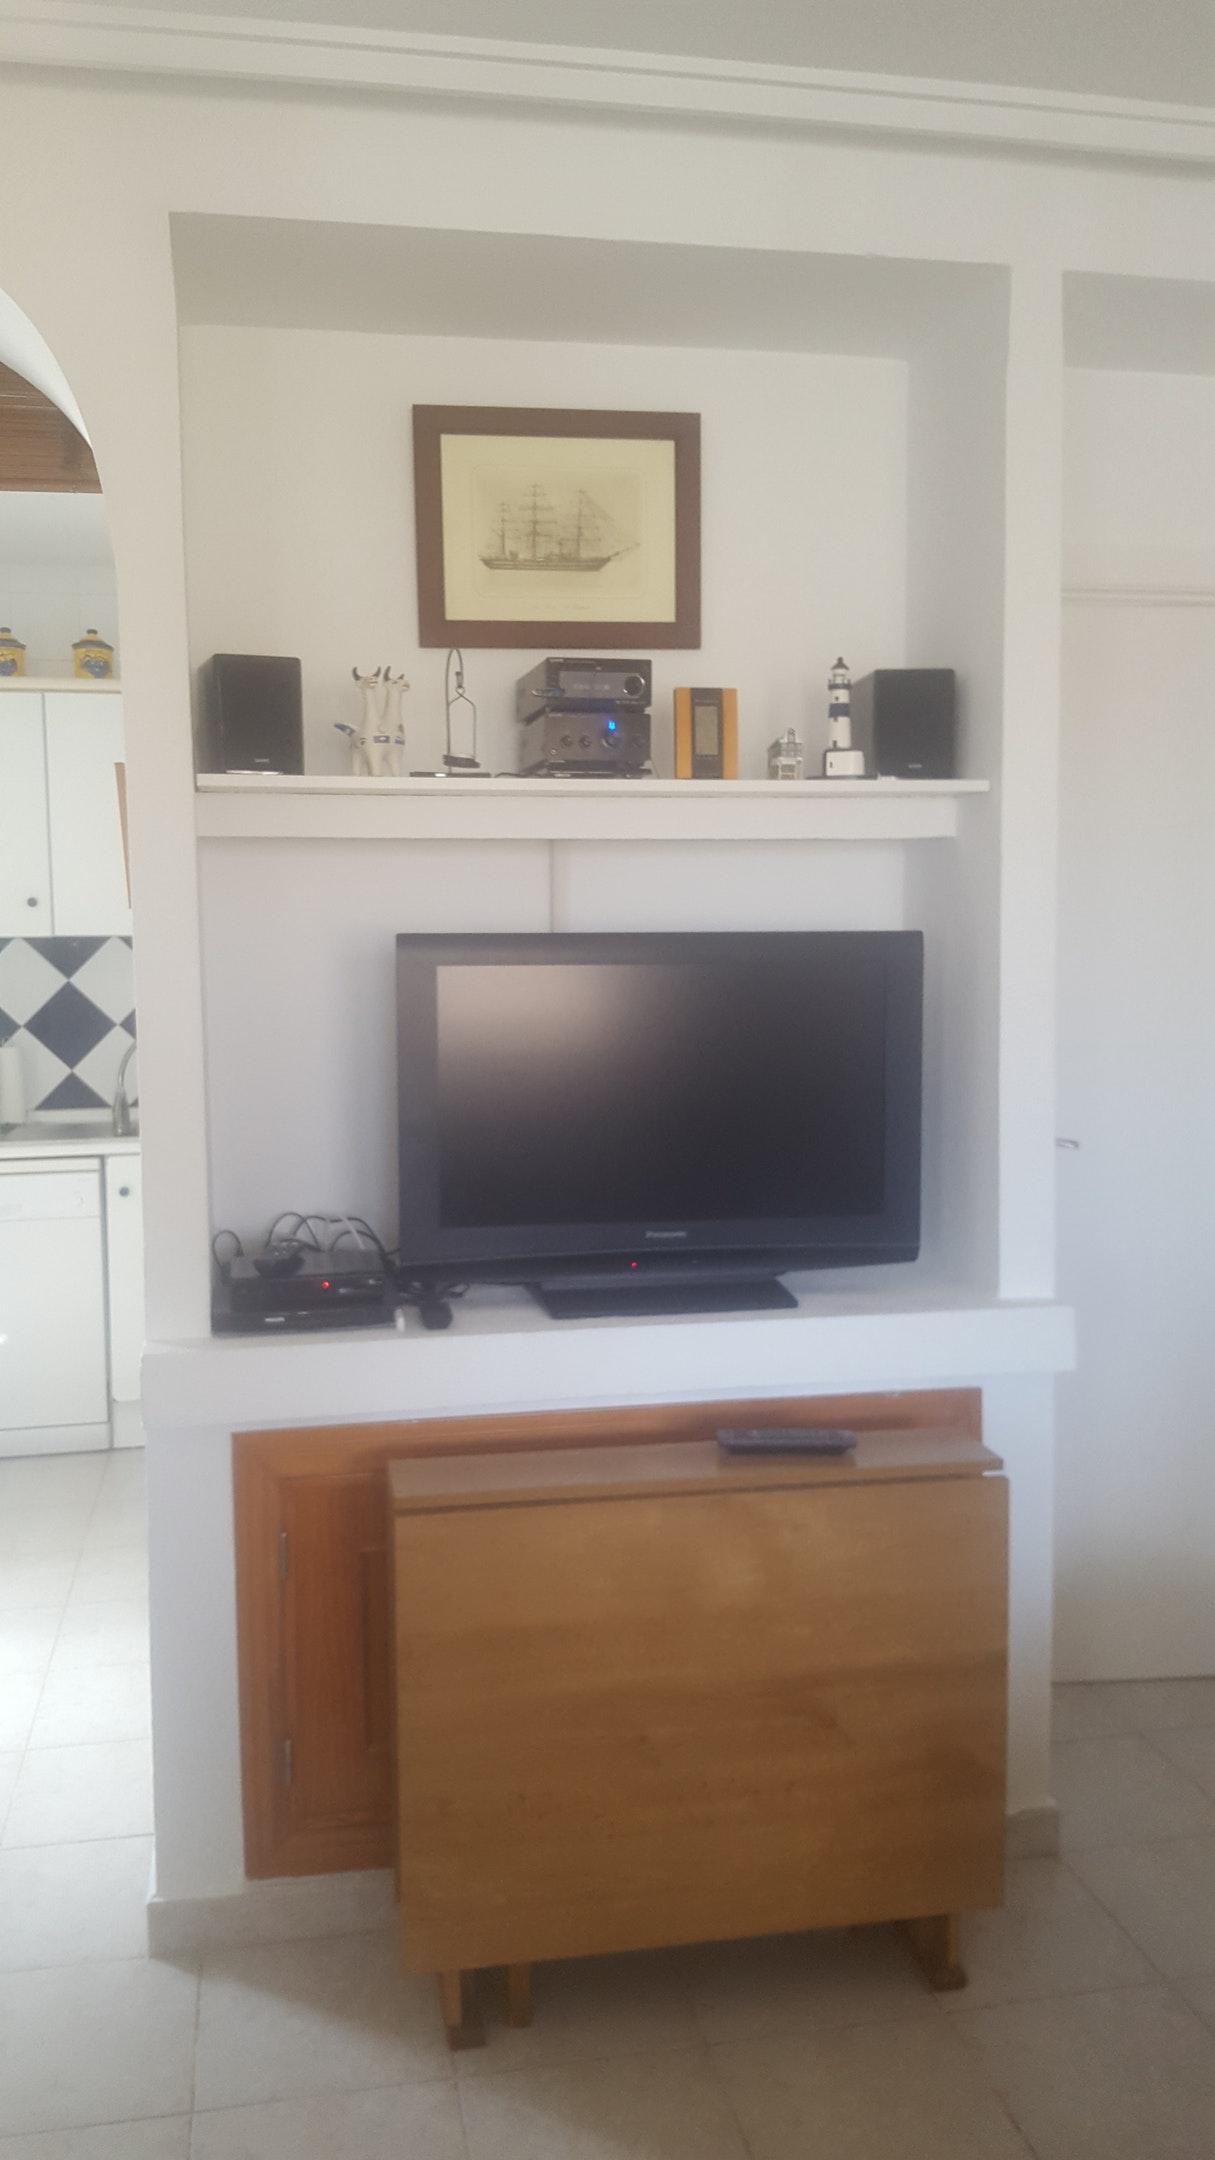 Ferienhaus Haus mit 2 Schlafzimmern in Torrevieja mit Pool, möbliertem Garten und W-LAN (2202043), Torrevieja, Costa Blanca, Valencia, Spanien, Bild 14